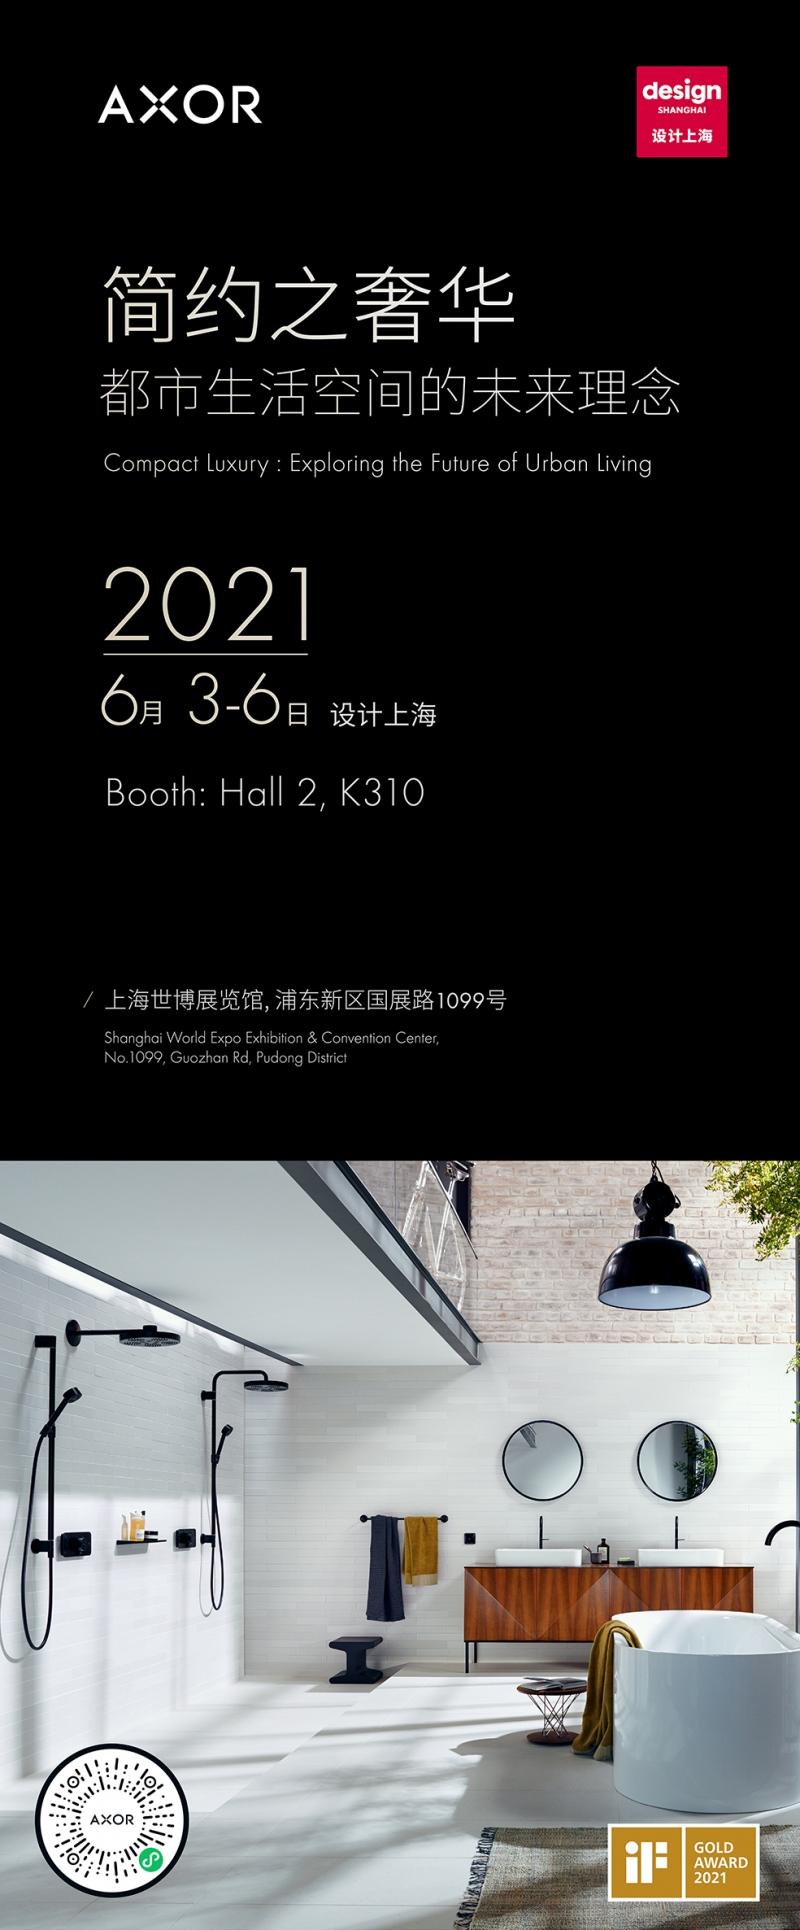 设计上海2021即将开展AXOR雅生演绎简约奢华新风